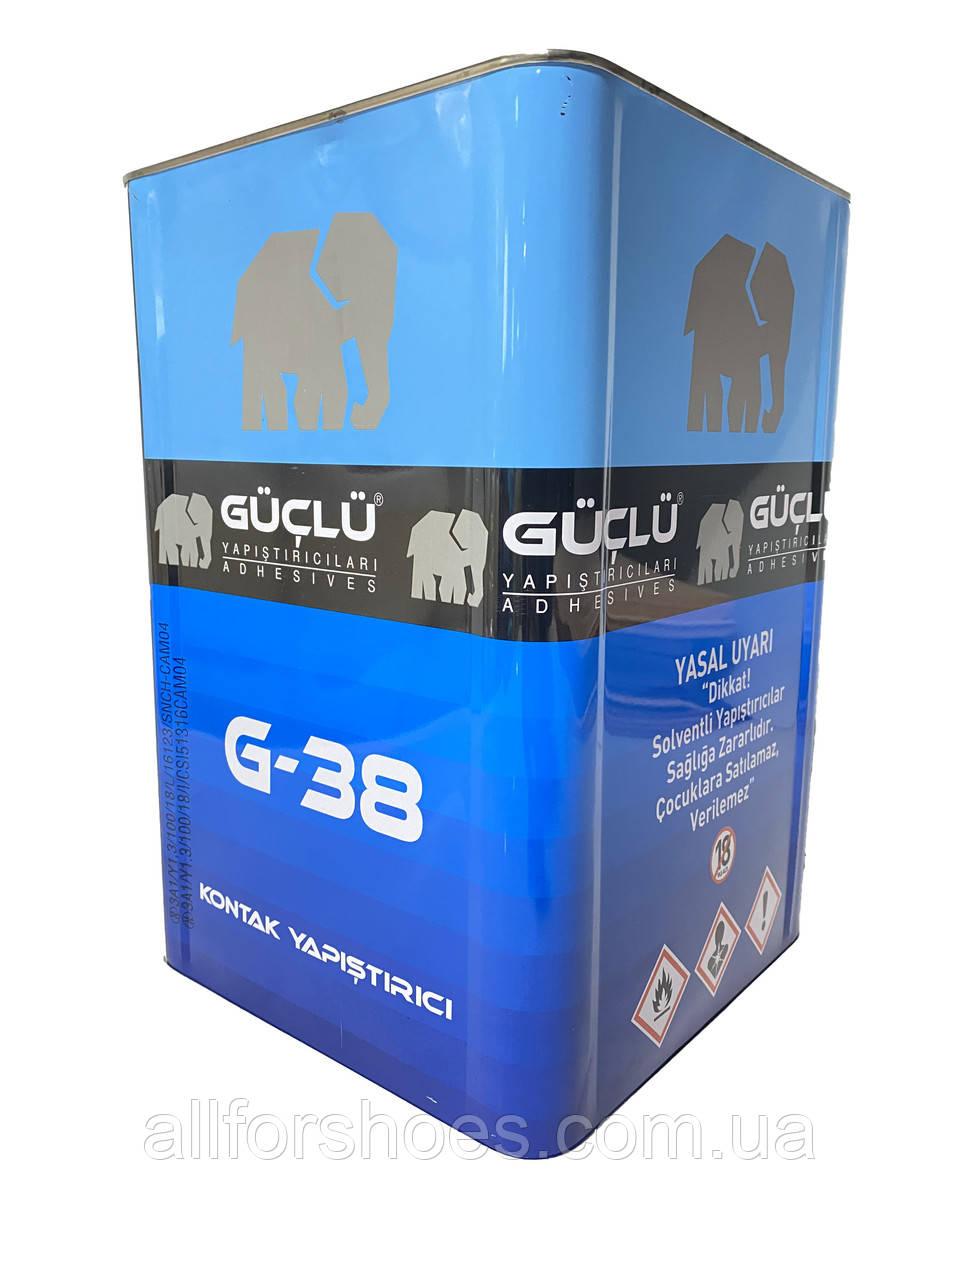 Guclu G38 полихлоропреновый клей, для кожи и кожзама, дерева, пробковых изделий и каучука